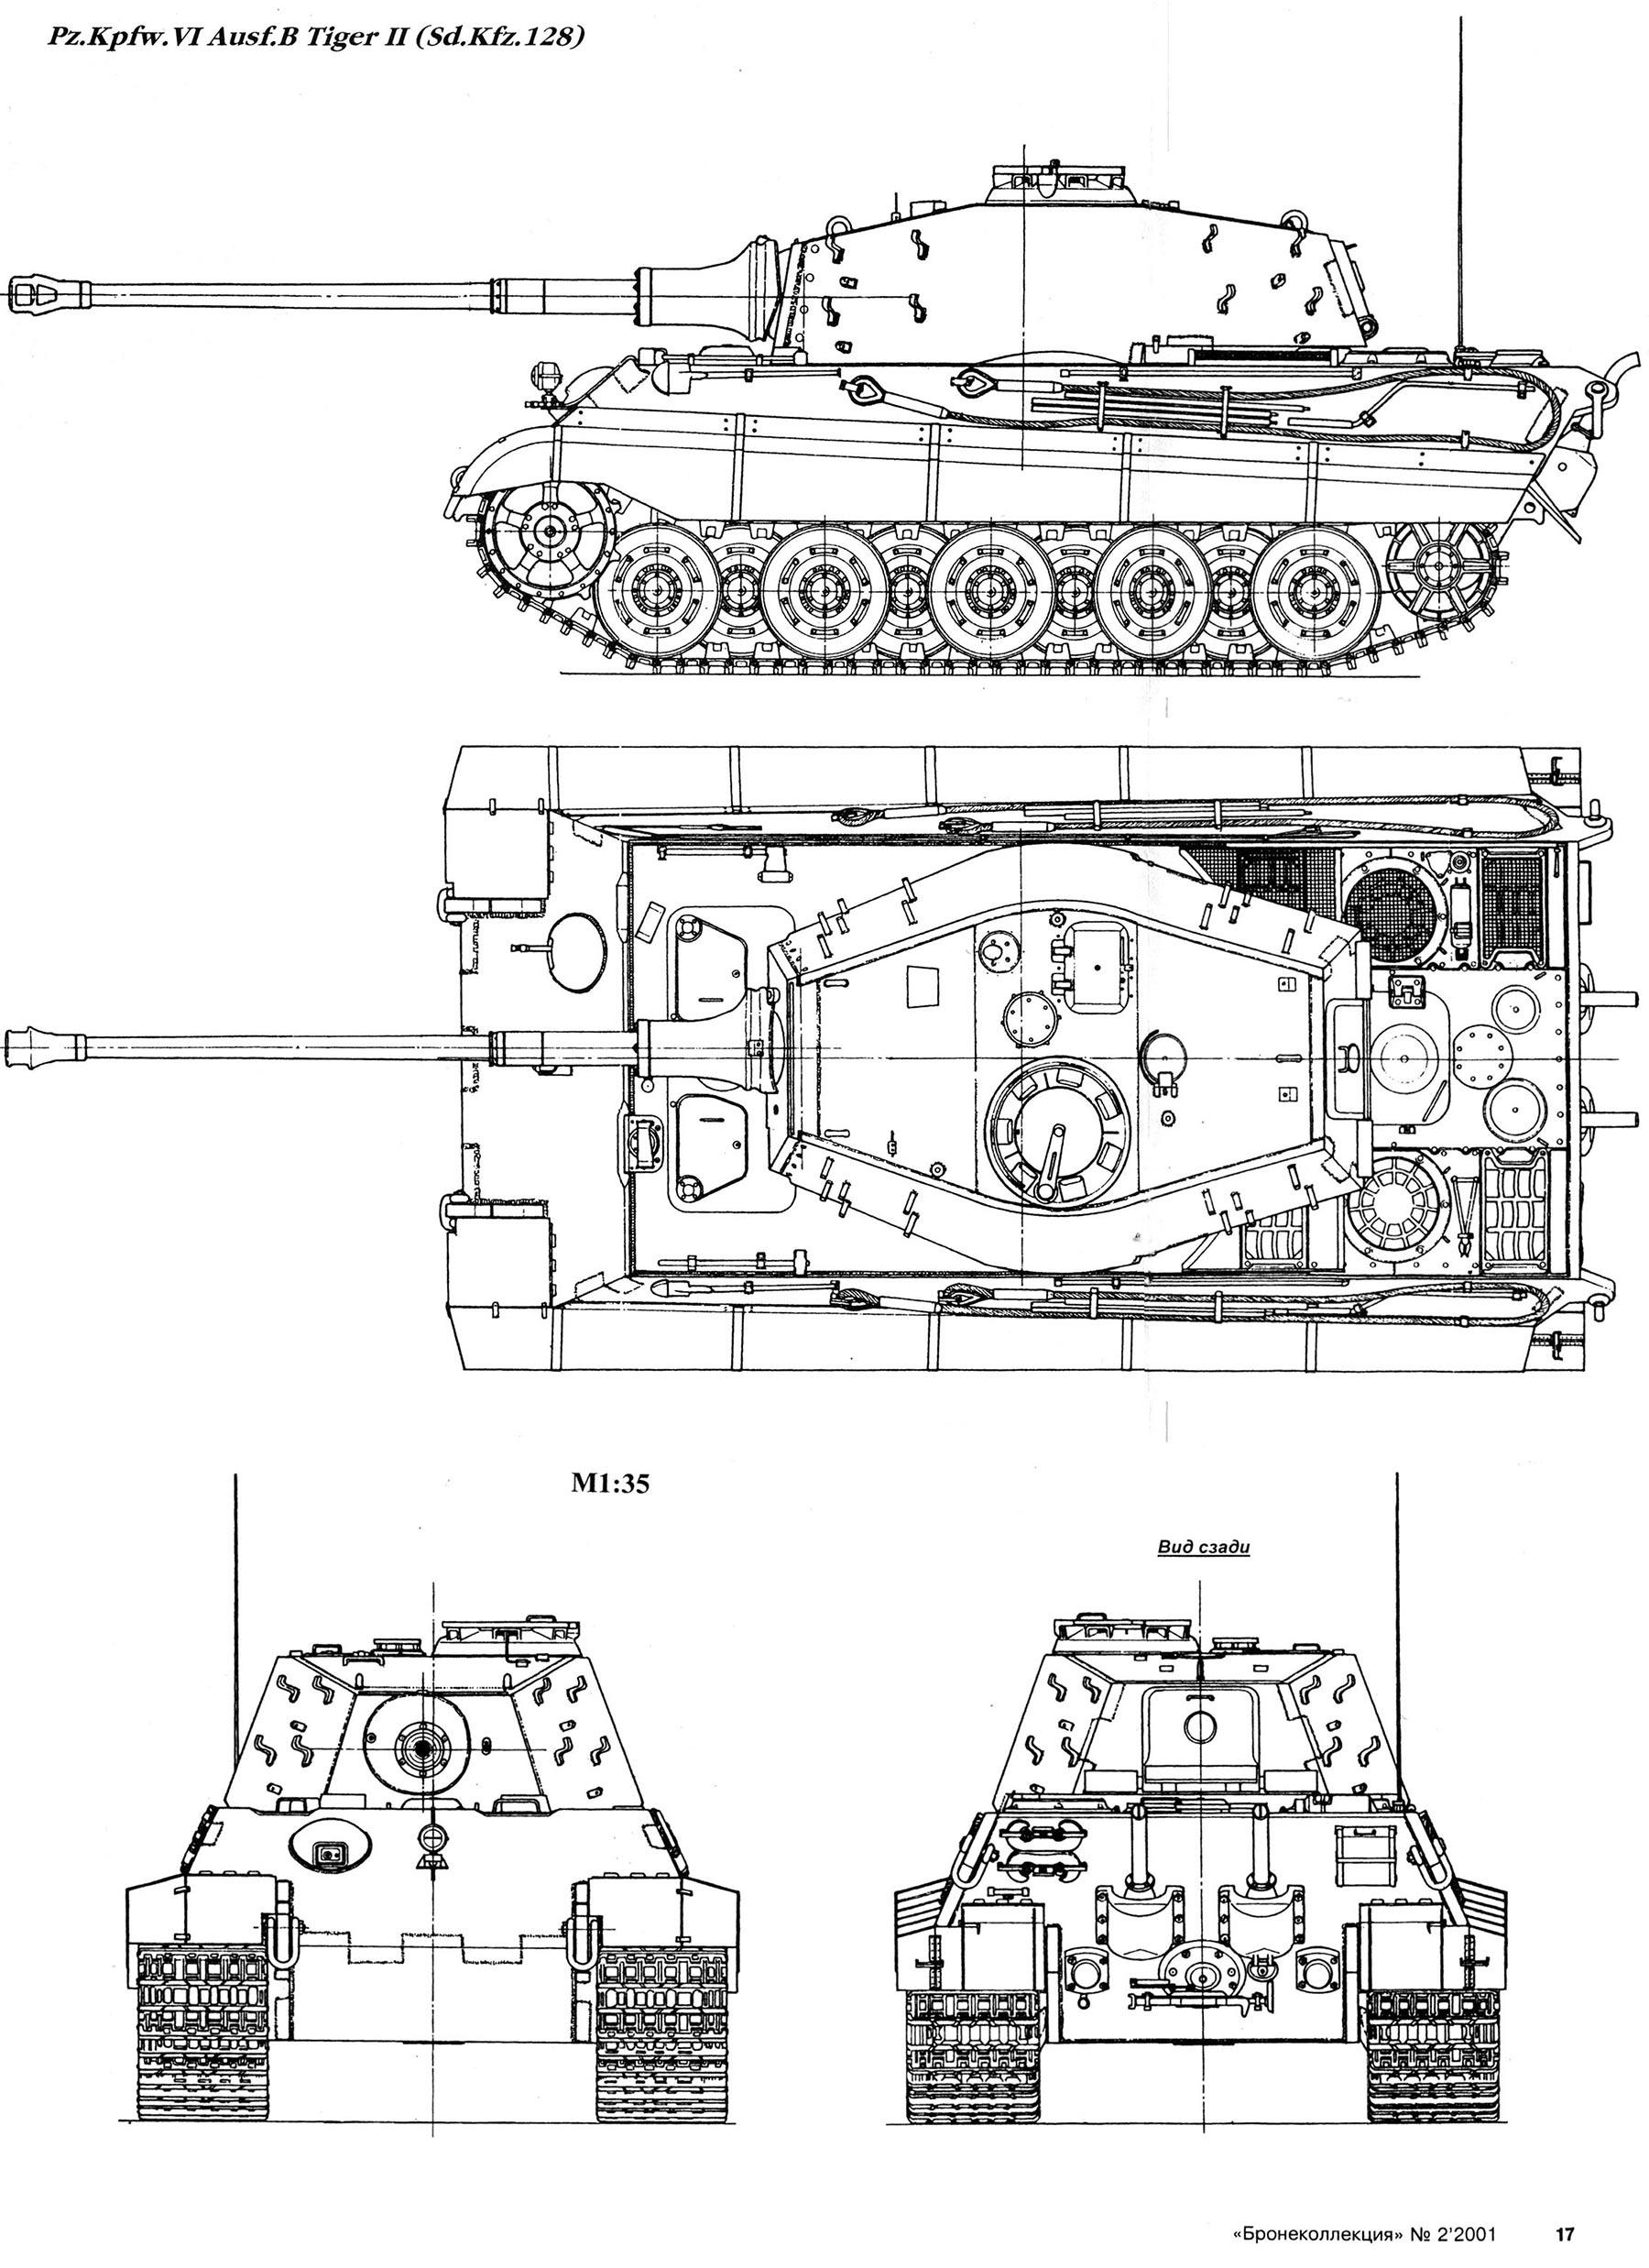 """Чертеж танка """"Королевский Тигр II"""" (бронеколлекция)"""